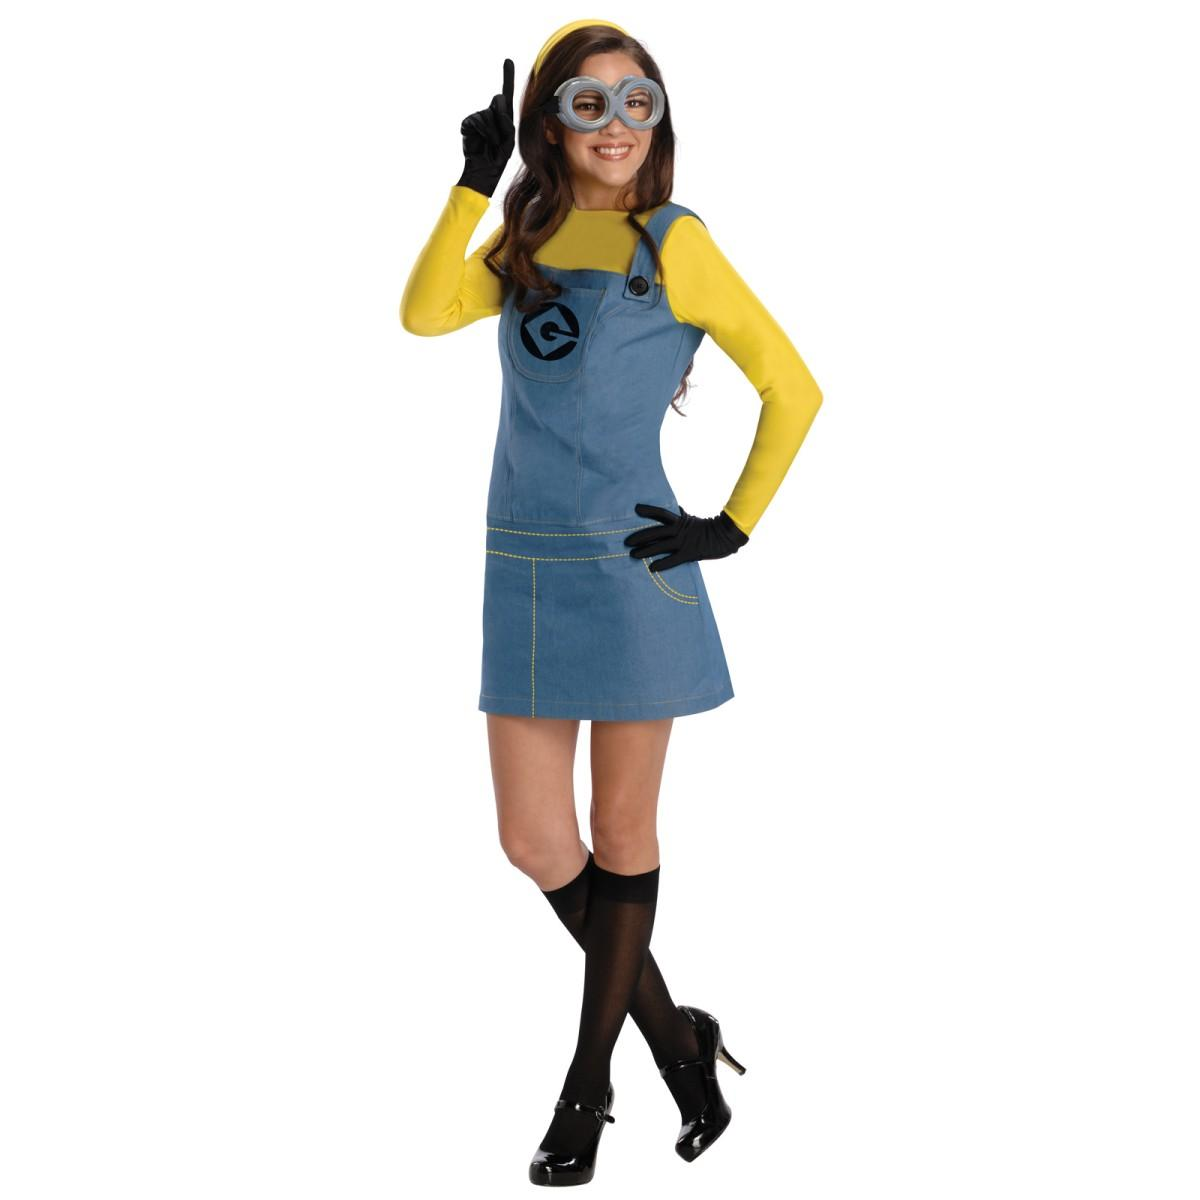 ハロウィン ミニオン コスプレ 衣装 大人 怪盗グルー ミニオンズ コスチューム 女性 あす楽